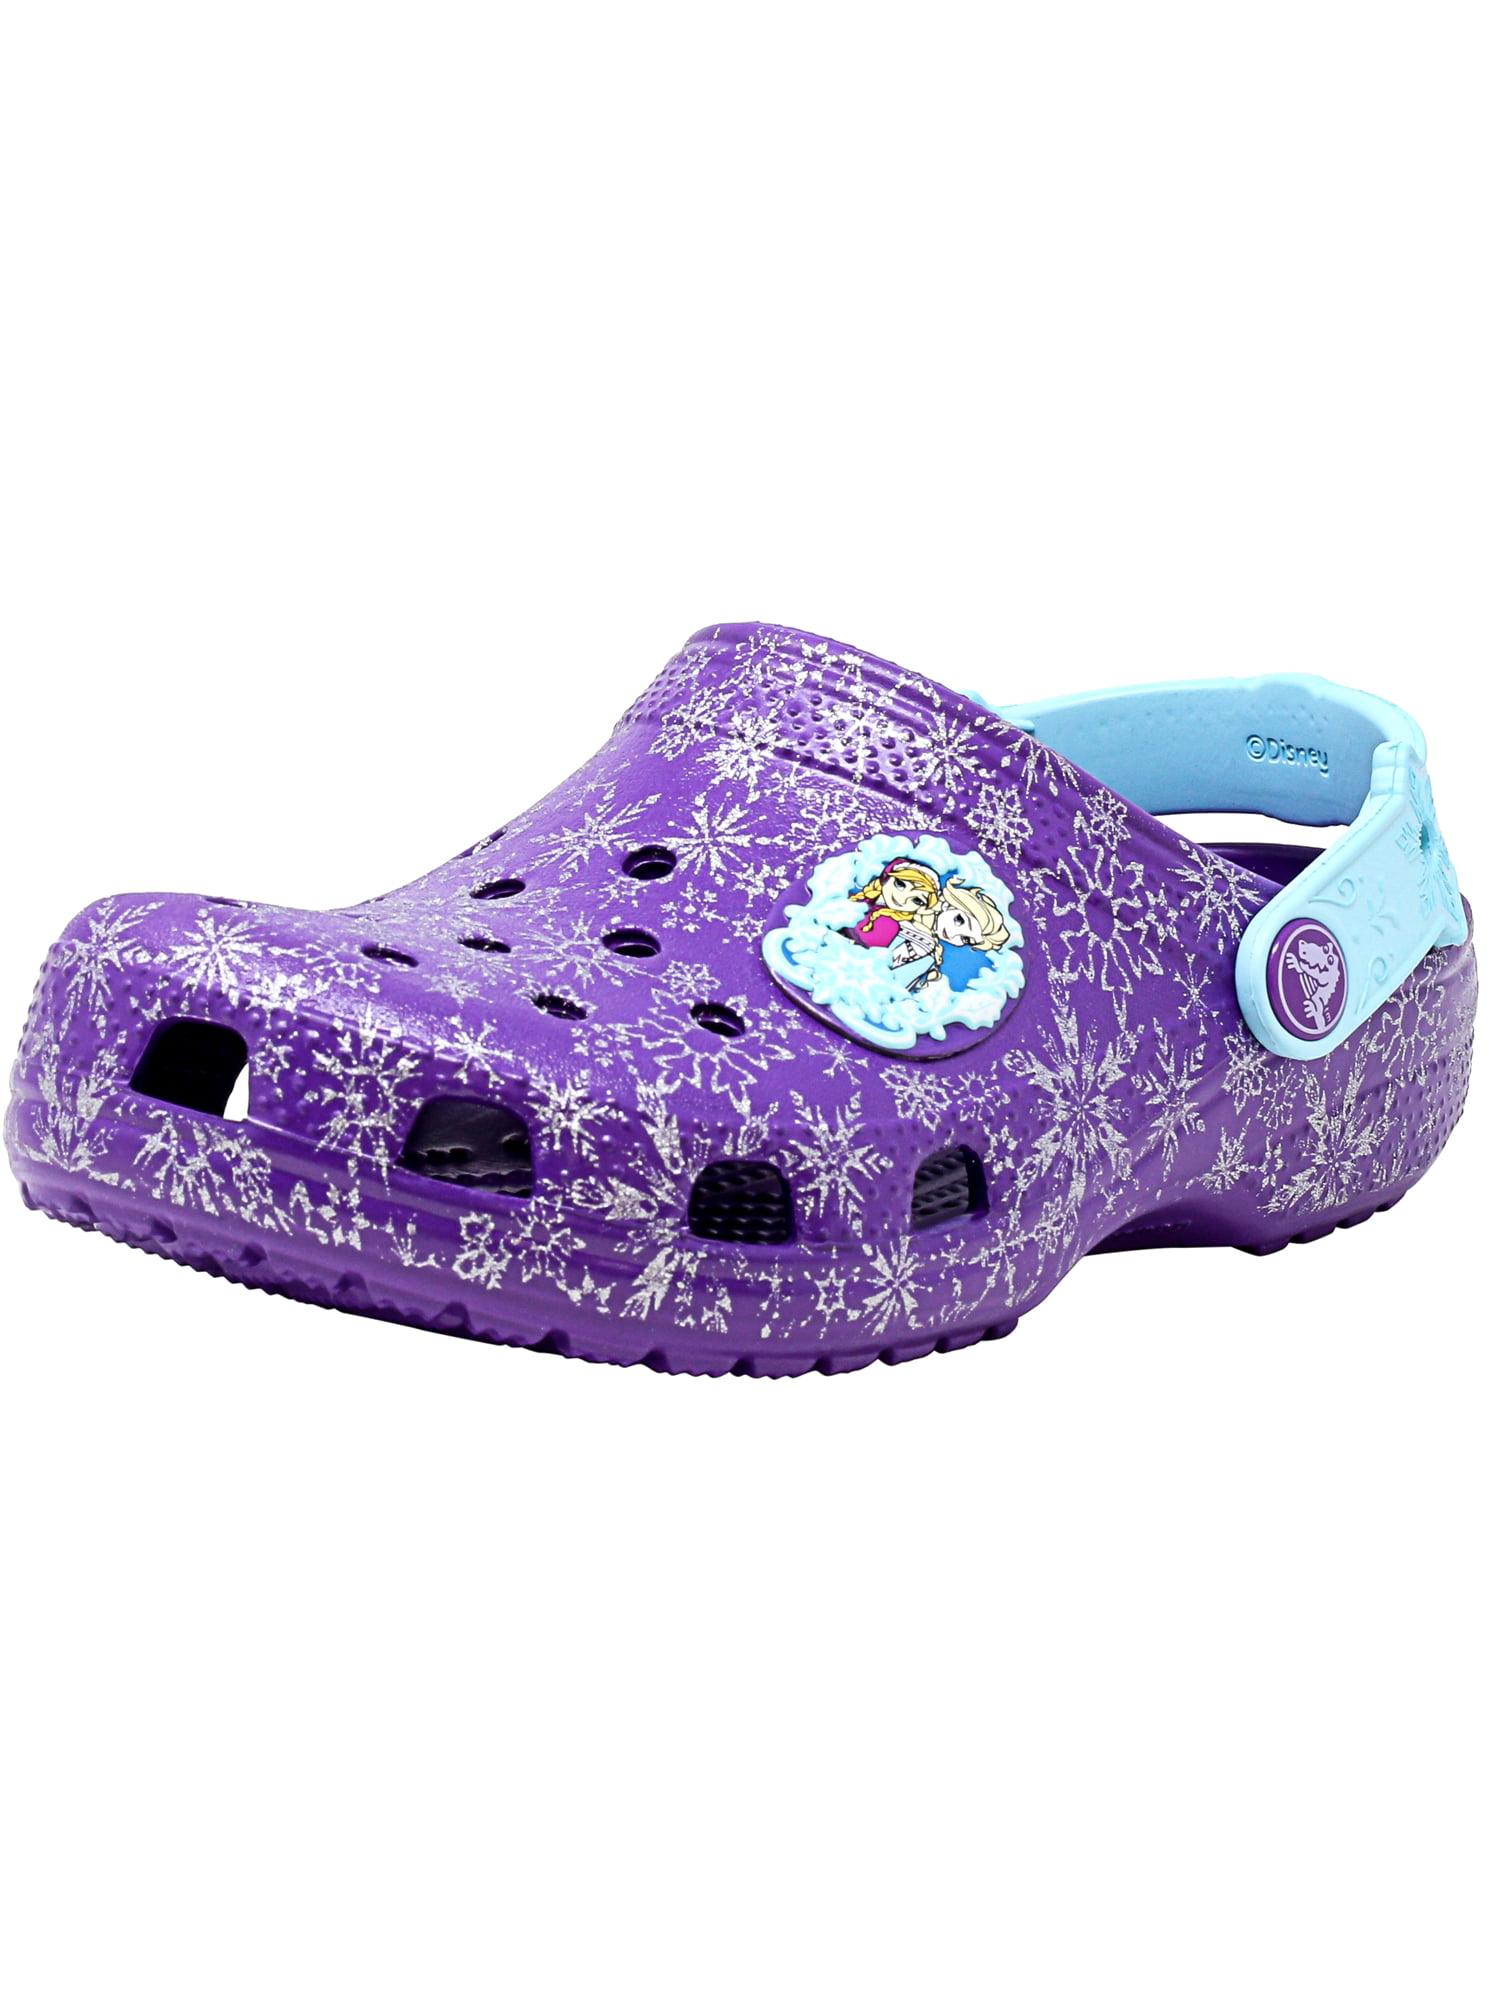 Crocs Classic Frozen Clog Clogs